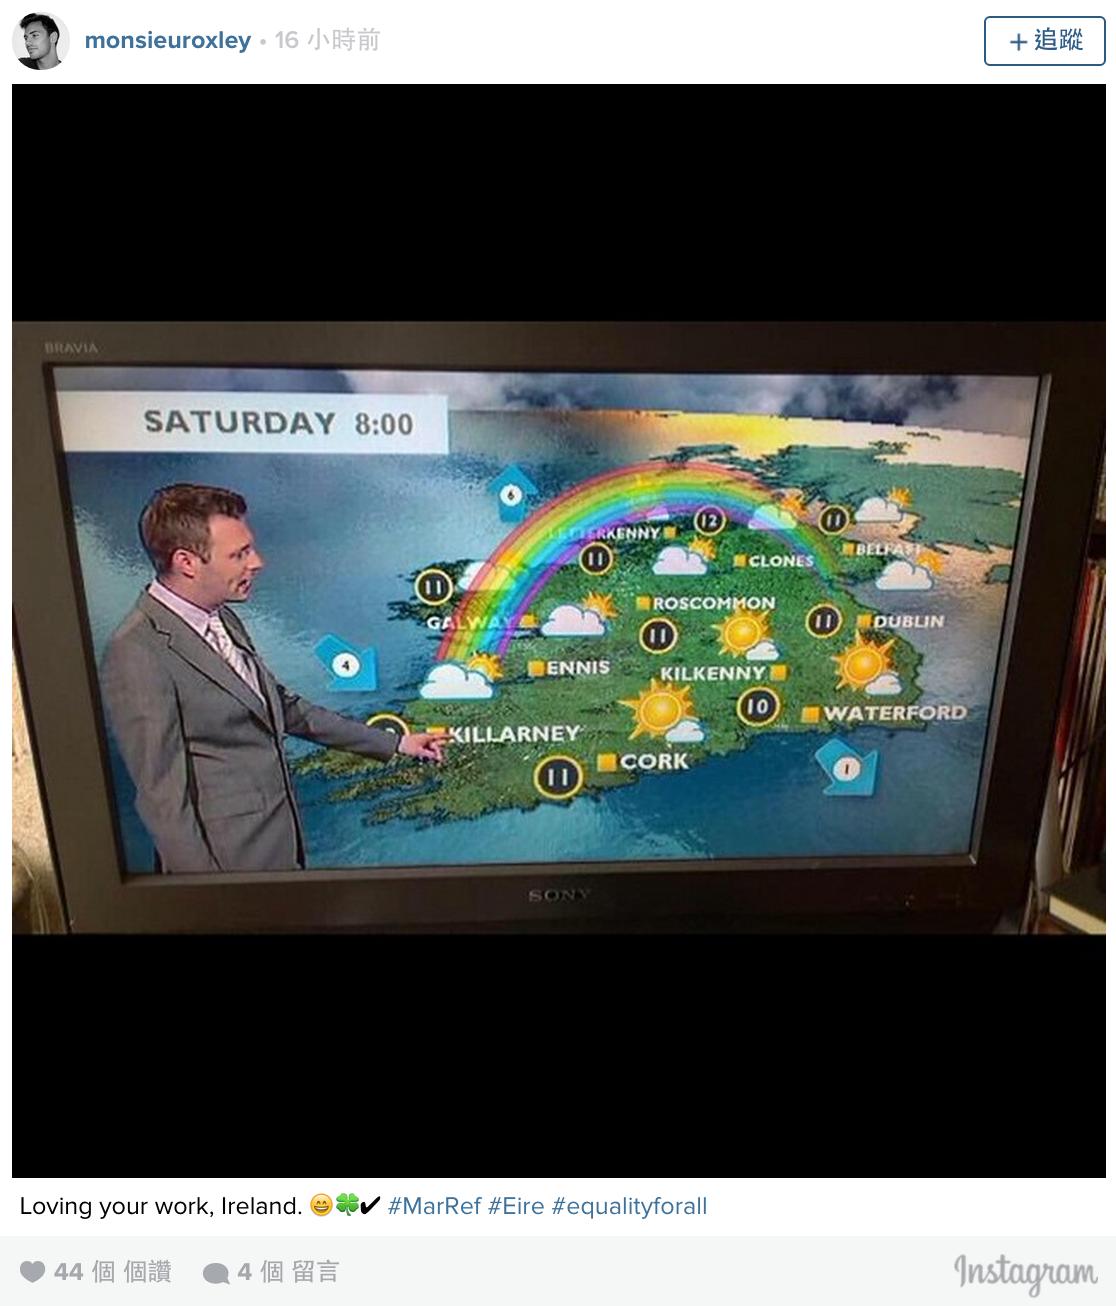 愛爾蘭公投讓同性婚姻合法化的那一天,連「上帝」也投出了關鍵性的一票!